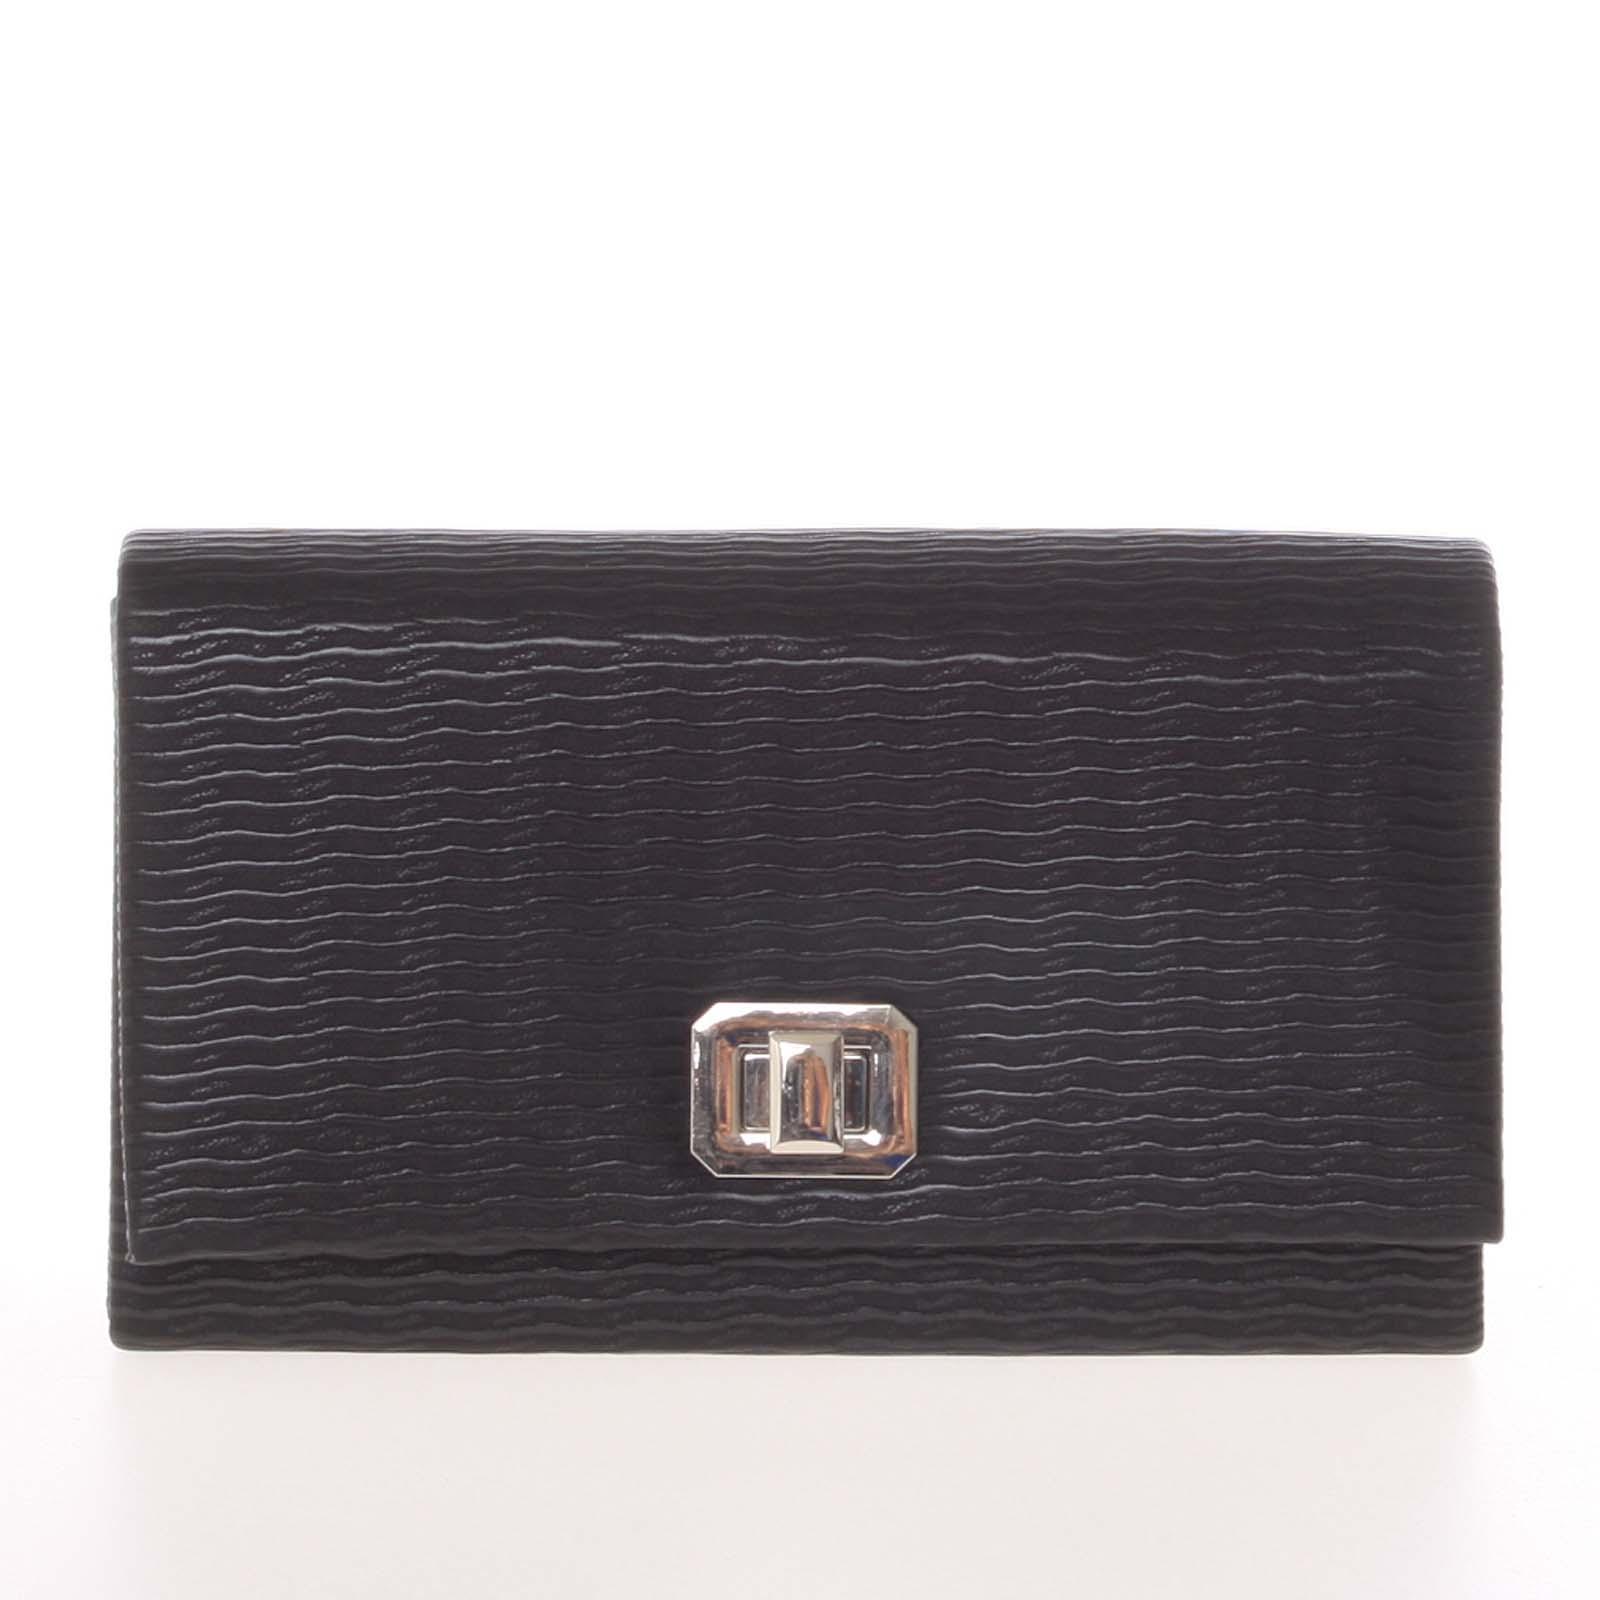 Módna dámska vzorovaná listová kabelka čierna - Delami D694